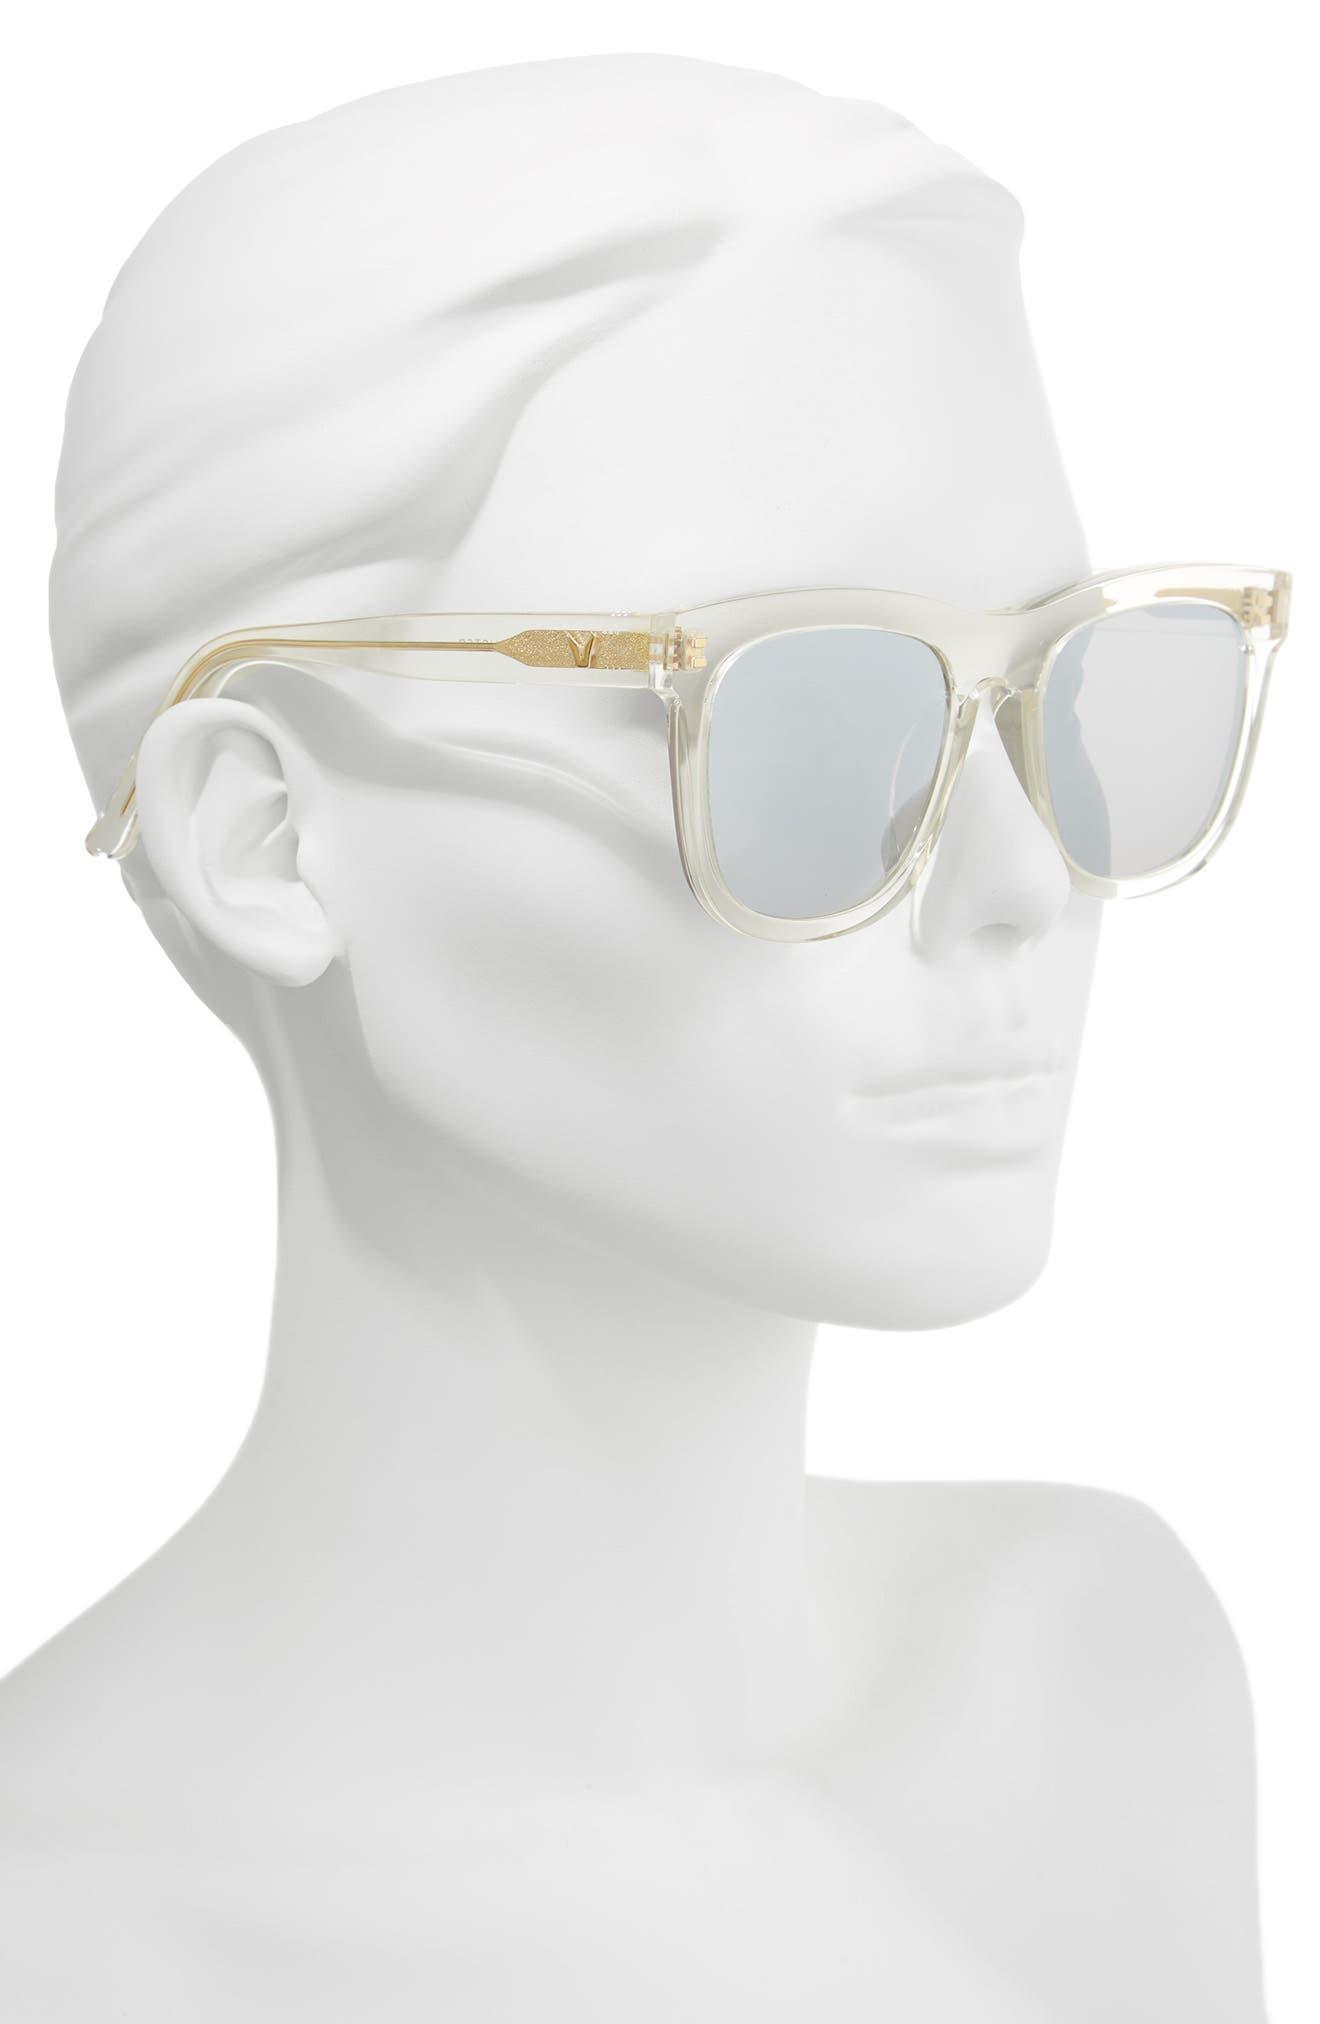 Pulp Fiction 54mm Sunglasses,                             Alternate thumbnail 2, color,                             100